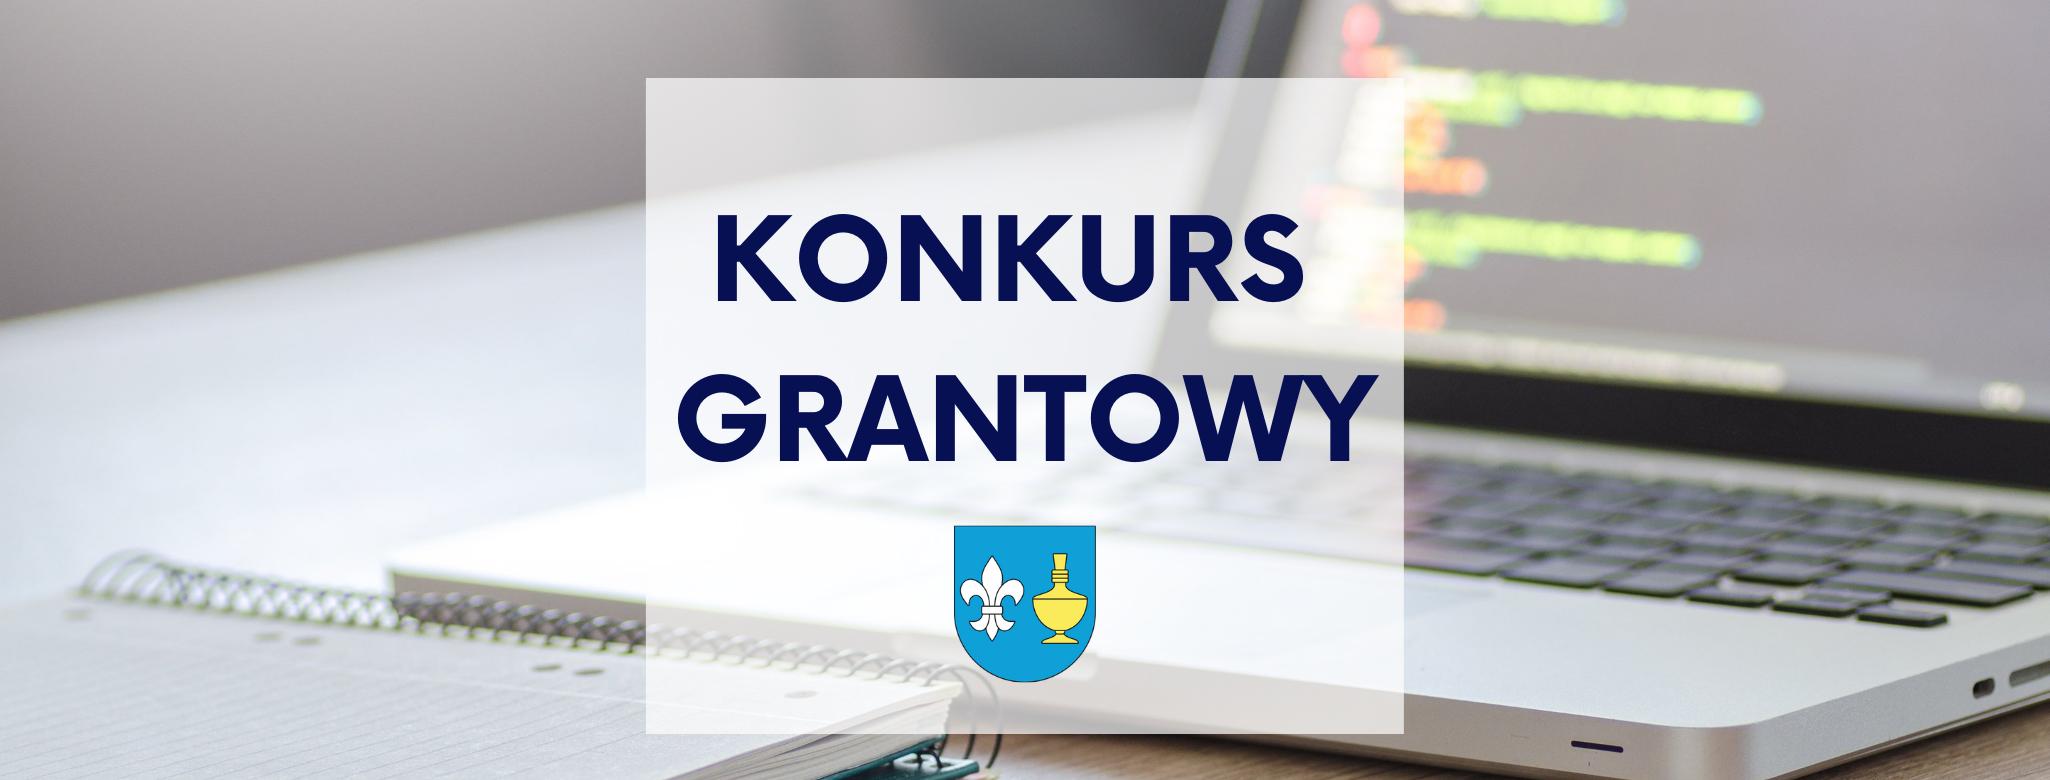 Nagłówek graficzny o treści: konkurs grantowy. W tle fotografia otwartego laptopa i zeszytu, poniżej herb gminy Koczała.